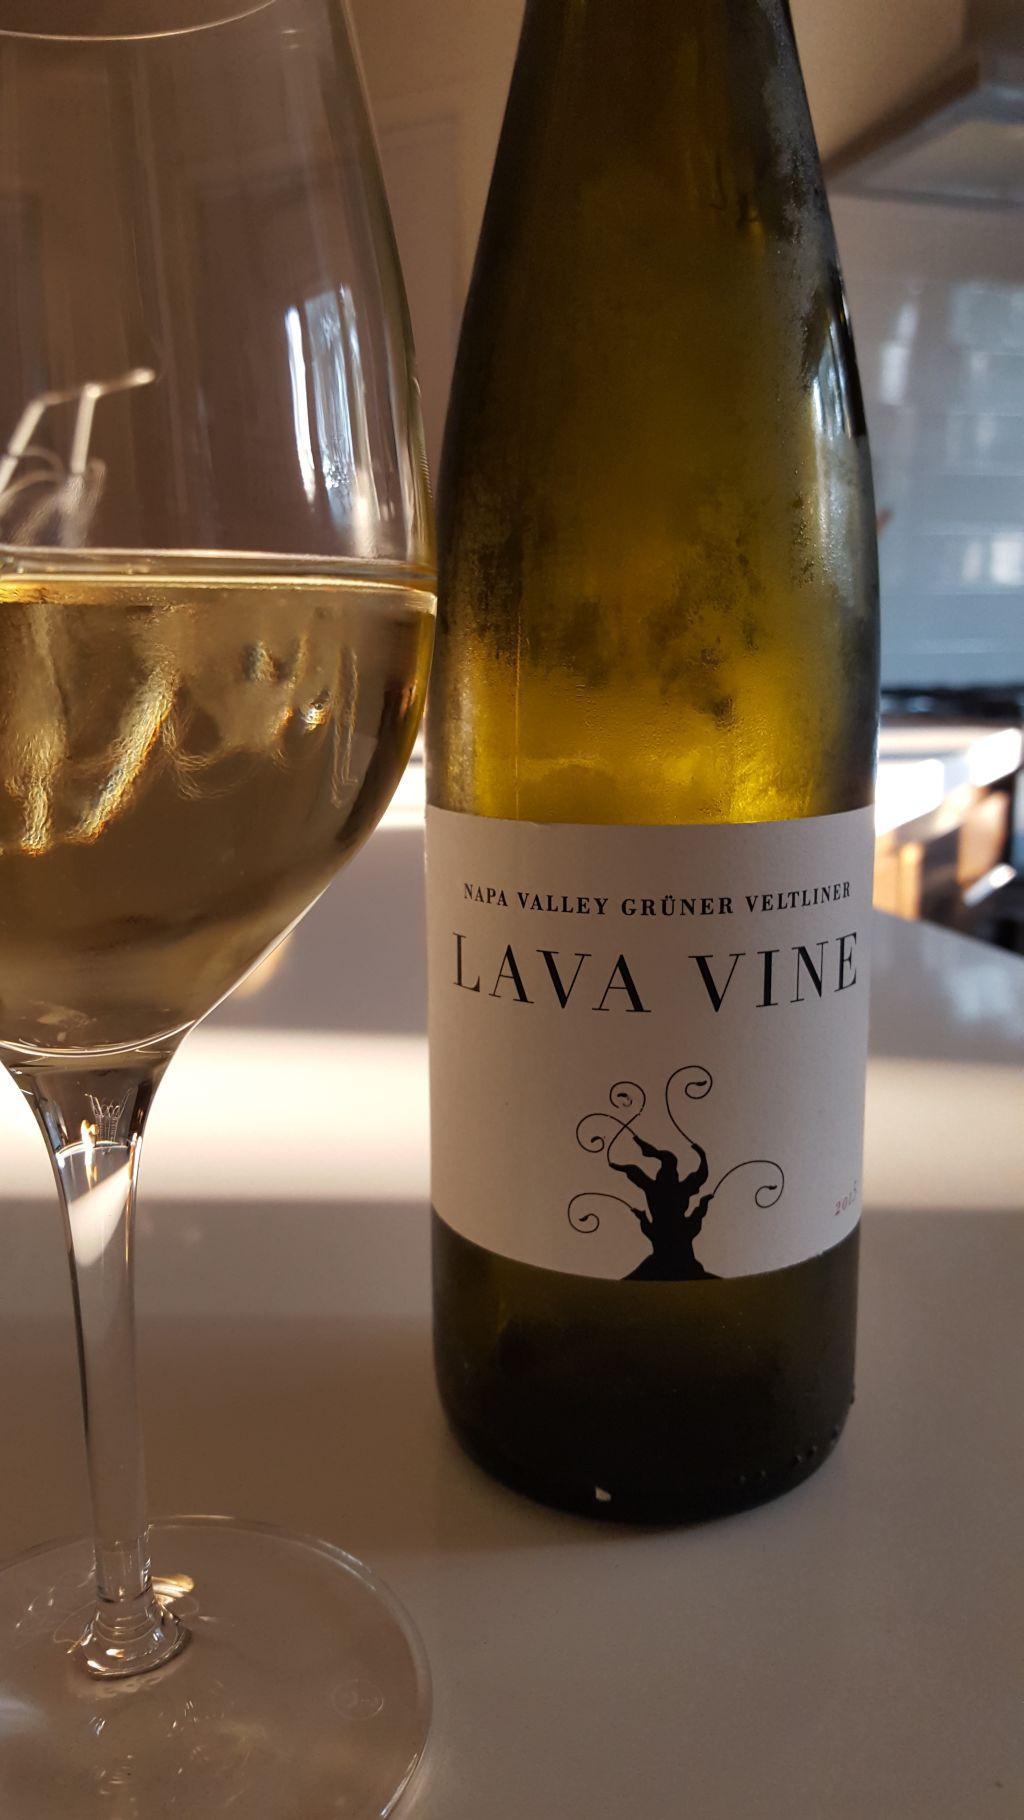 Lava Vine 2015 Gruner Veltliner